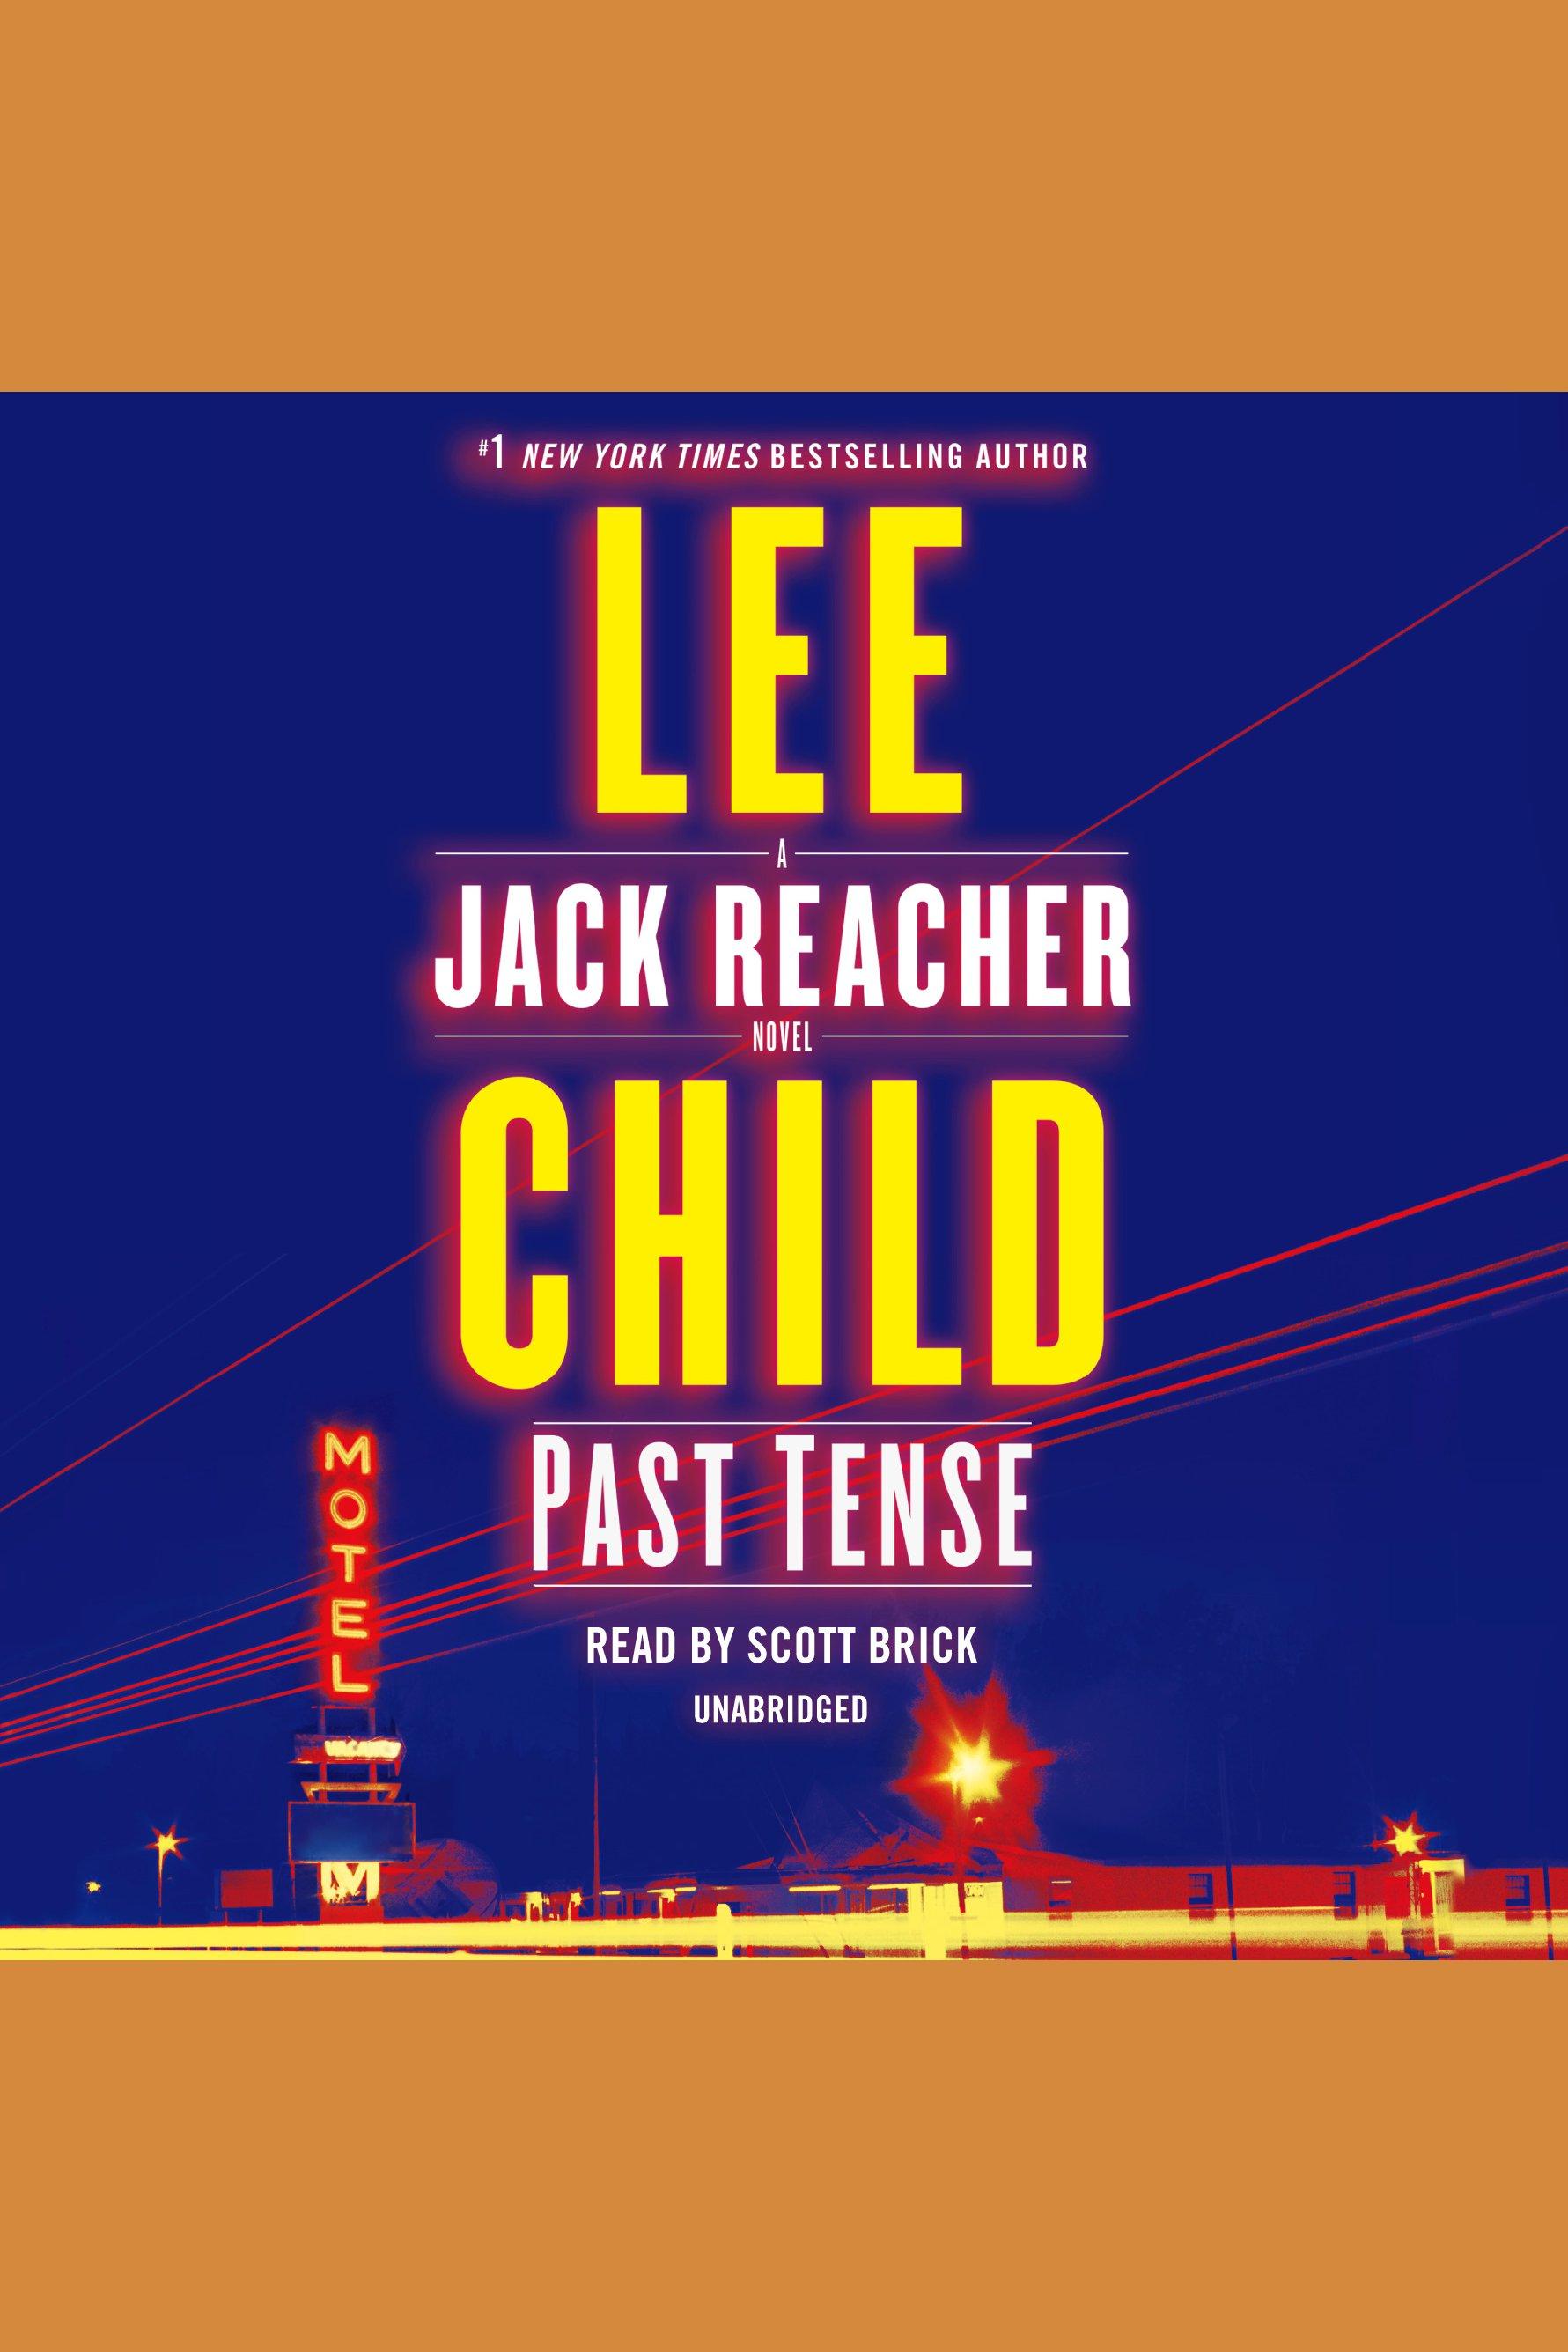 Past tense a Jack Reacher novel cover image